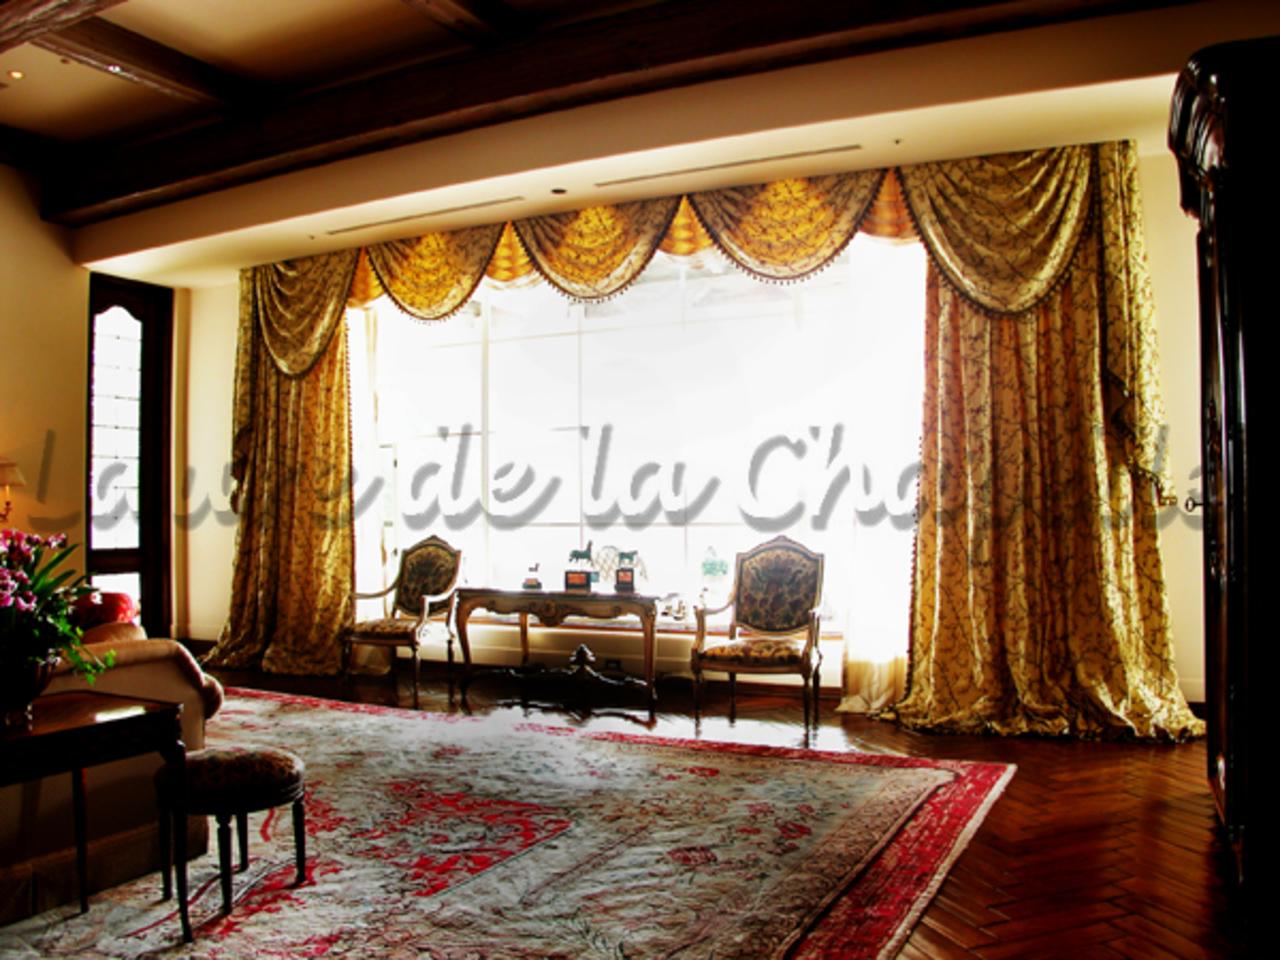 window treatments san diego window treatments san diego upholstery restoration